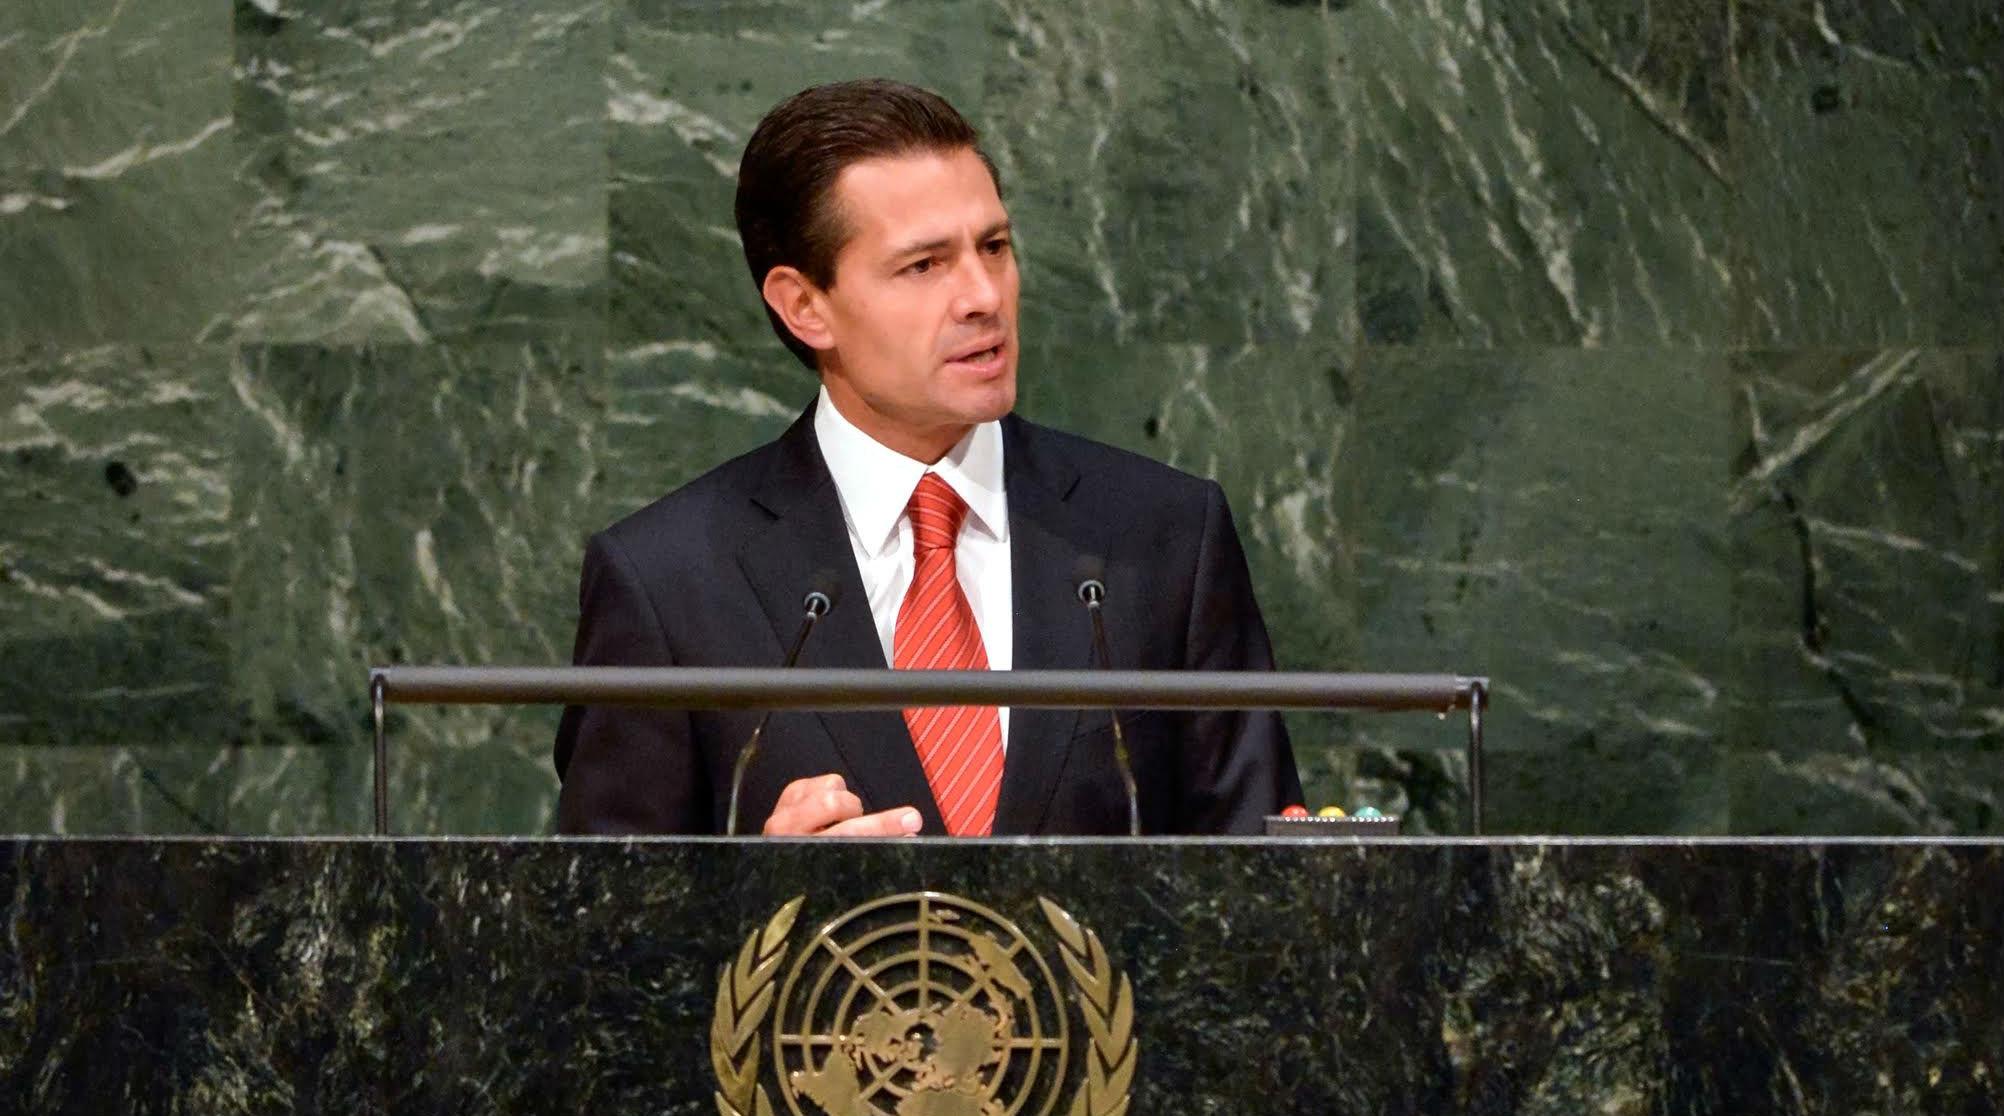 Segob informa que el Presidente EPN viajará a la ONU